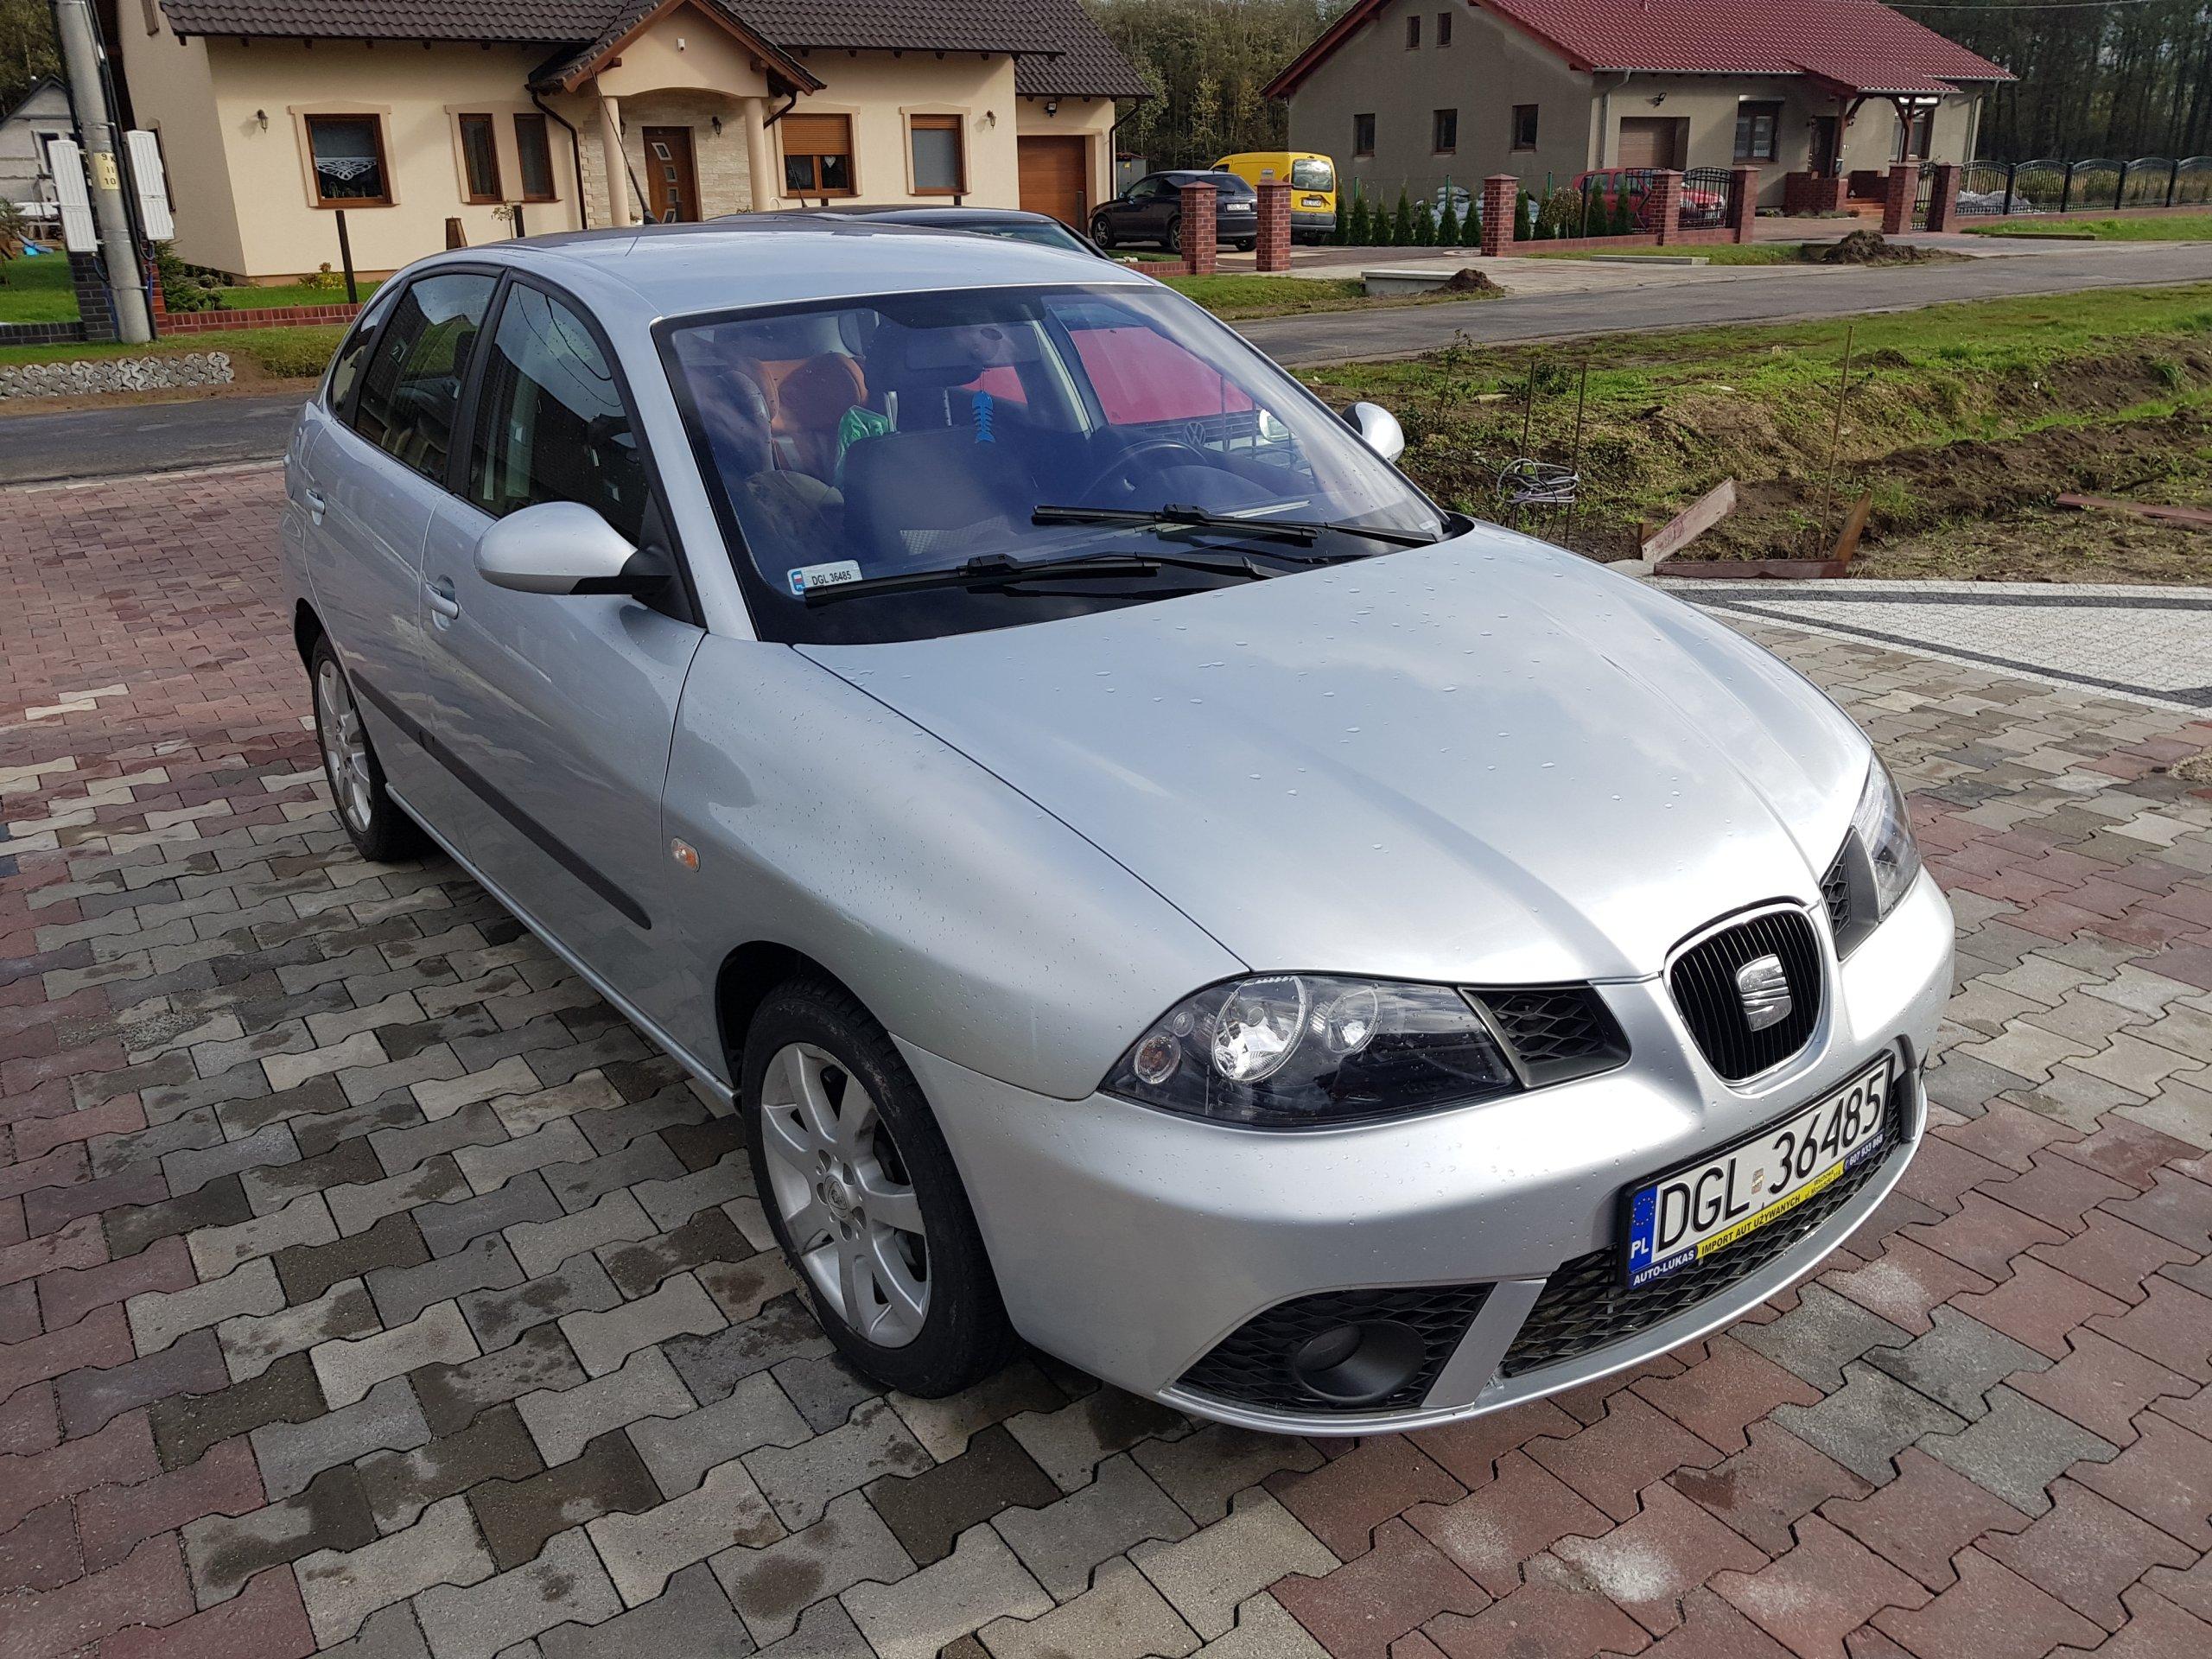 Seat Ibiza Iii Lift 1 4 16v Klima Alu Zarejestrowa 7023070929 Oficjalne Archiwum Allegro